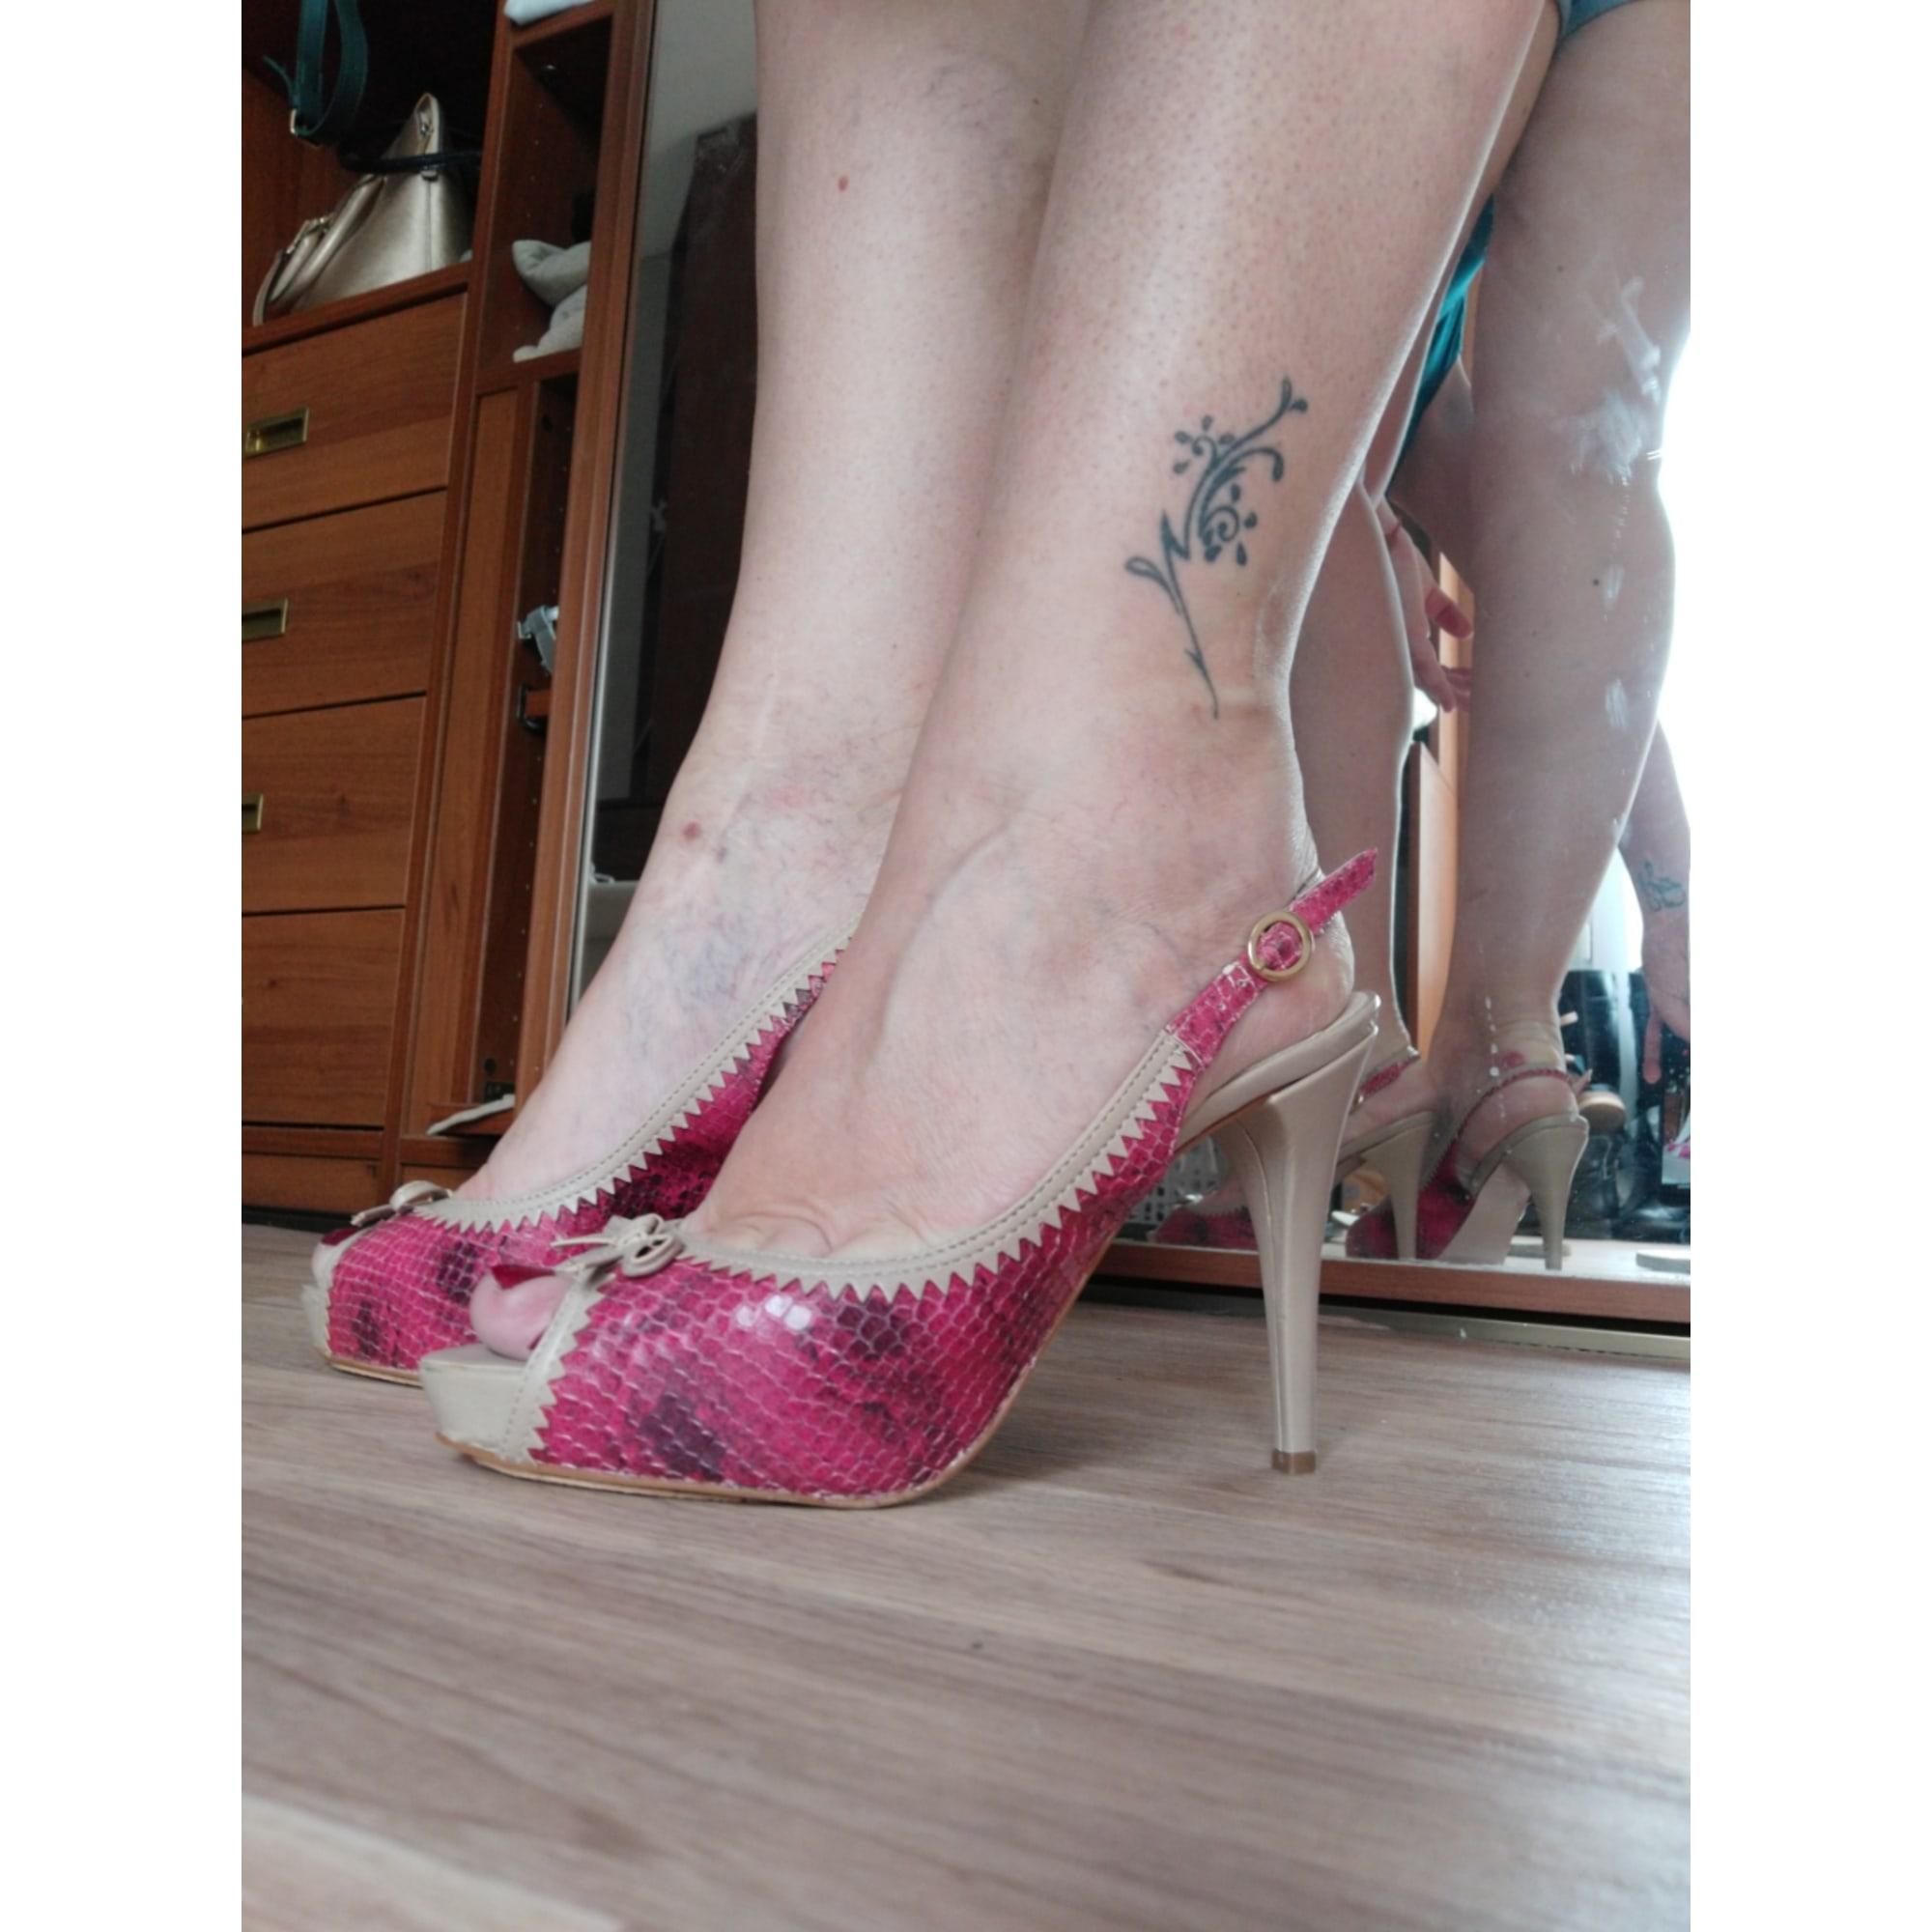 Sandales à talons EDEN Rose, fuschia, vieux rose